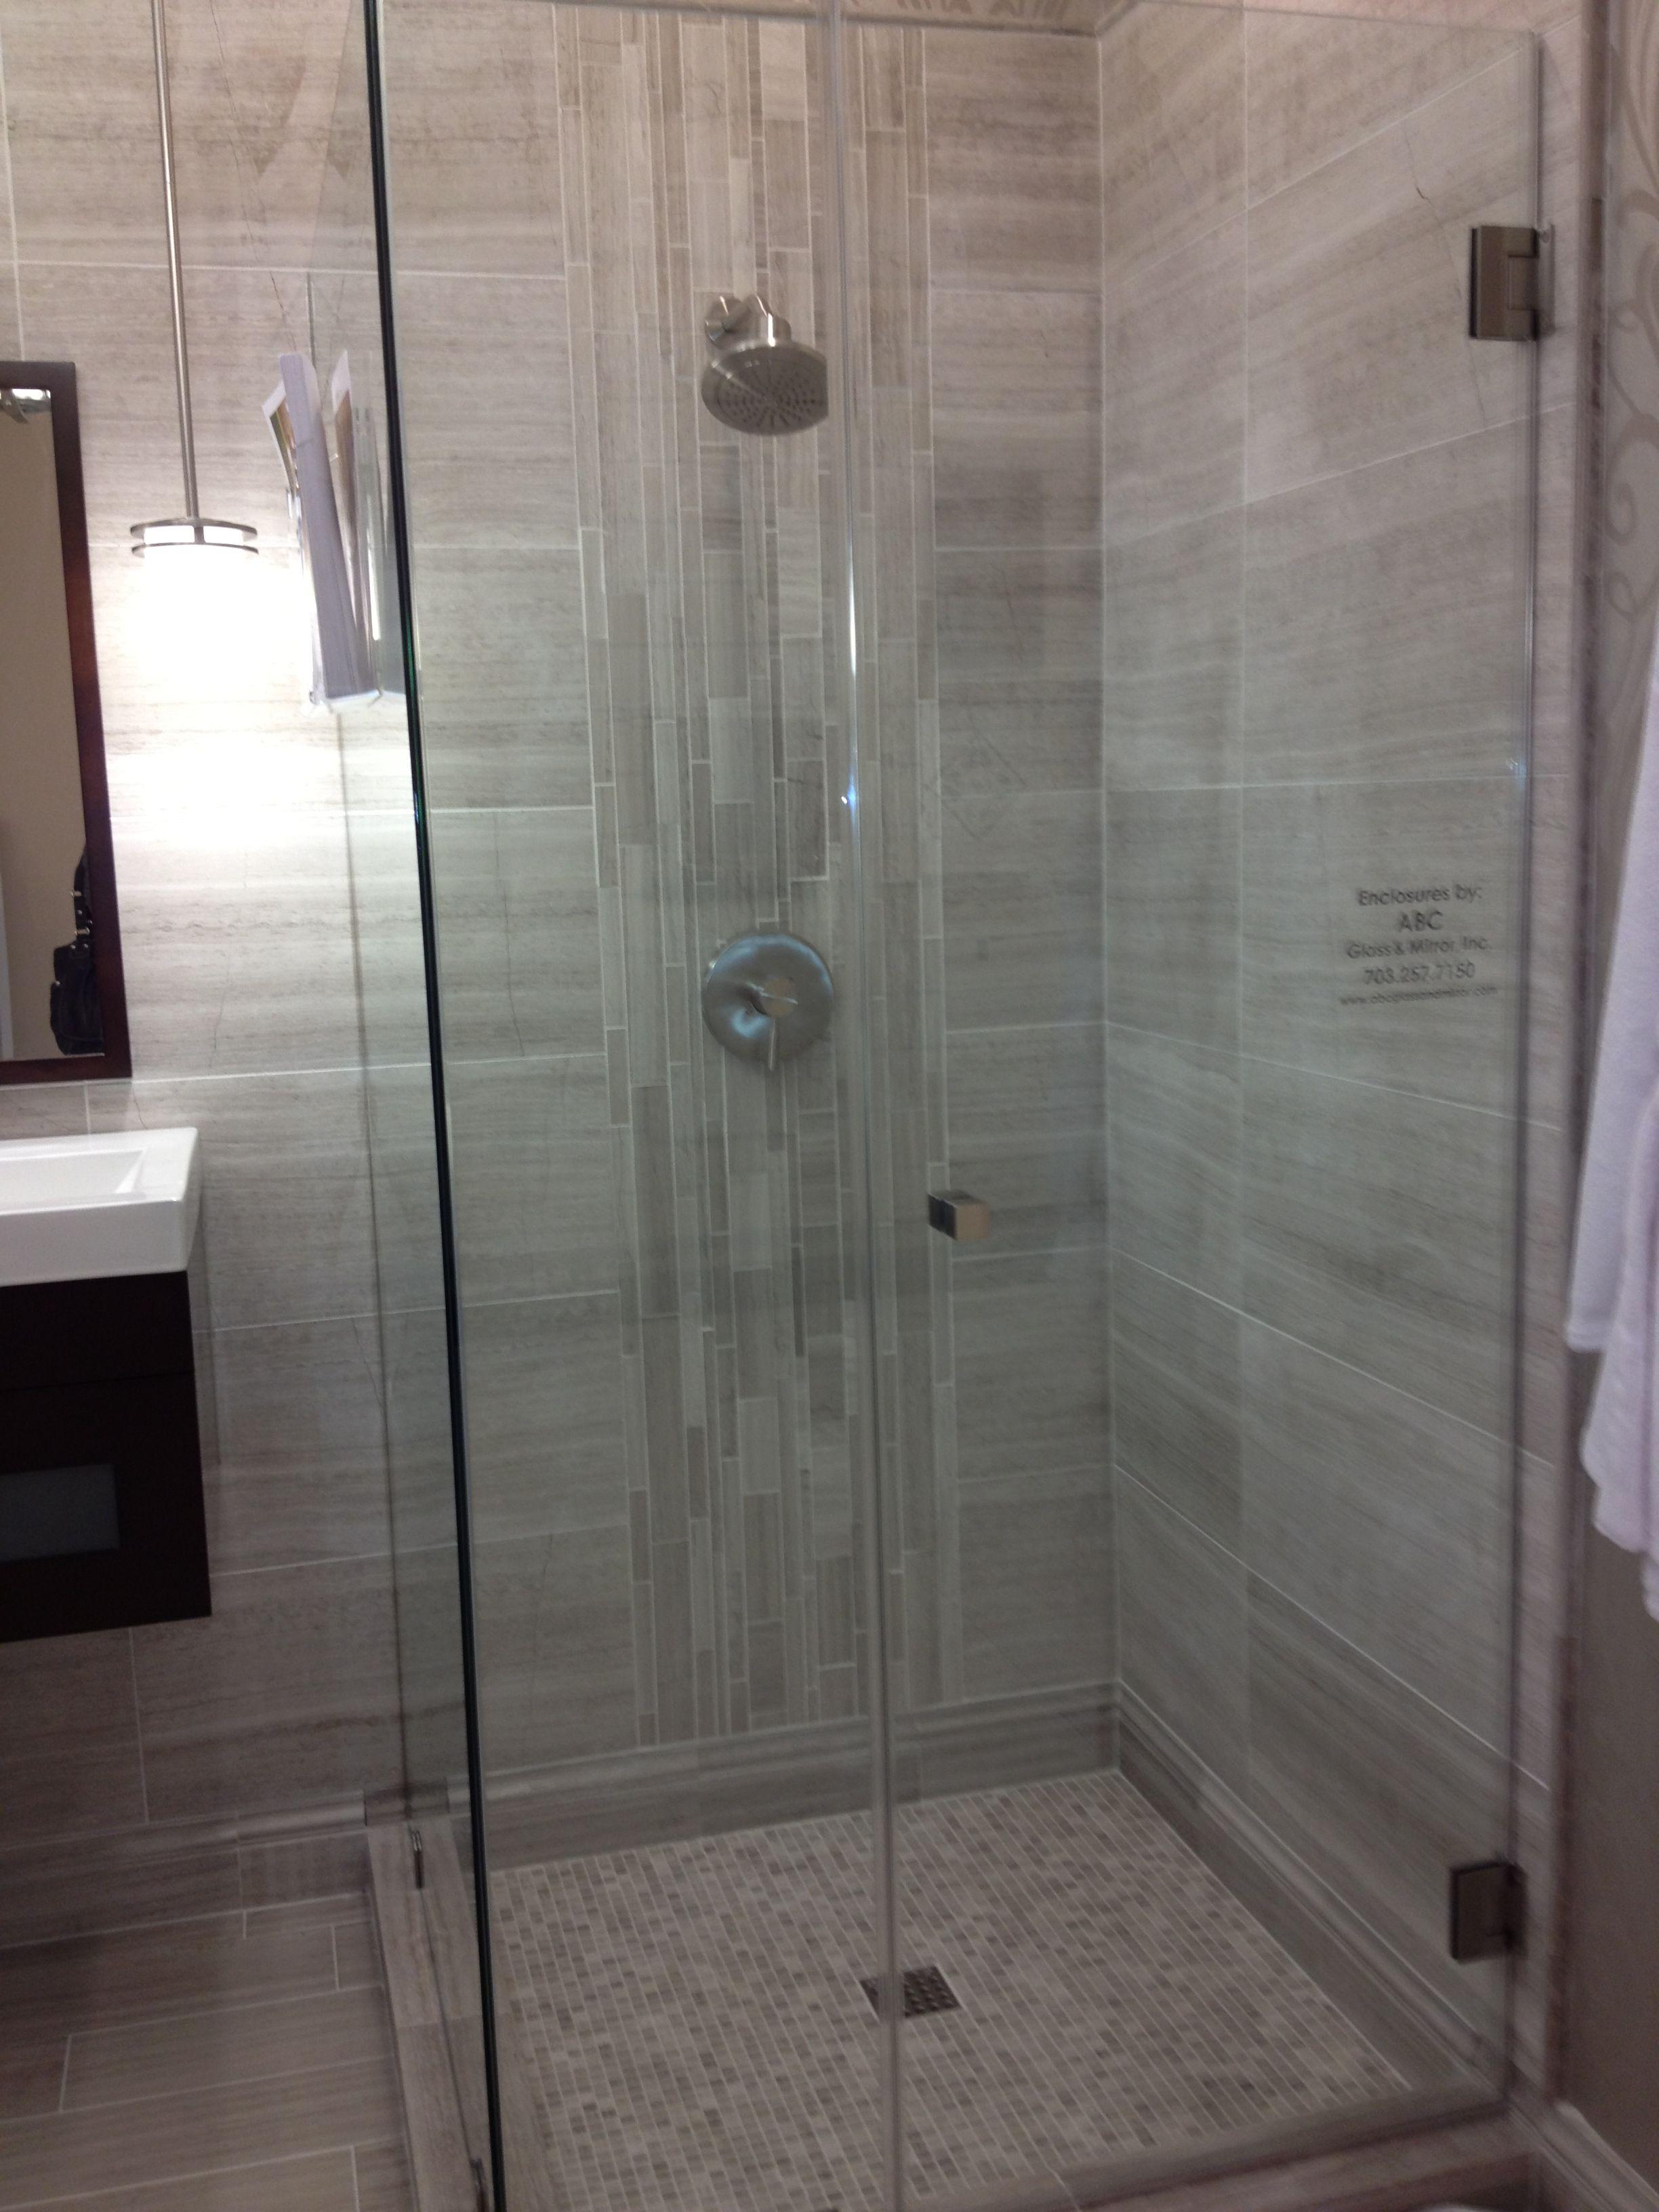 Vertical tile shower wall, bliss | Room ideas | Pinterest | Tile ...